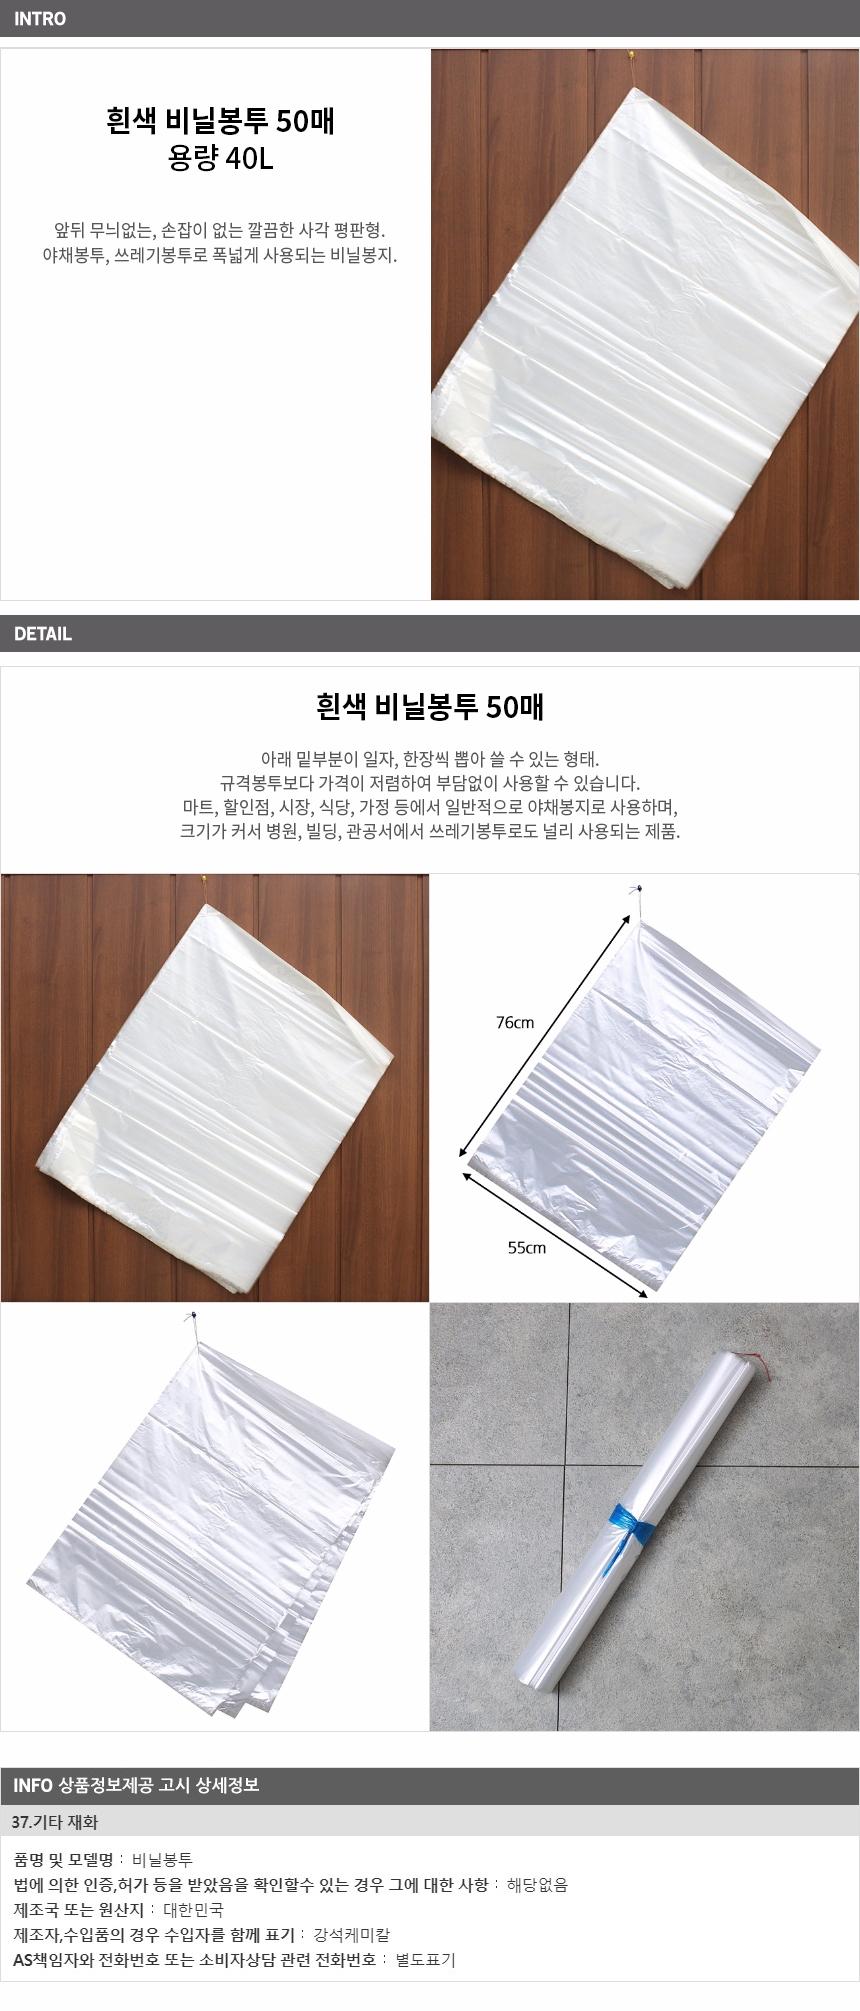 흰색 평판 비닐봉투 50매/50리터 야채봉투 쓰레기봉투 - 기프트갓, 3,510원, 음식보관, 비닐류